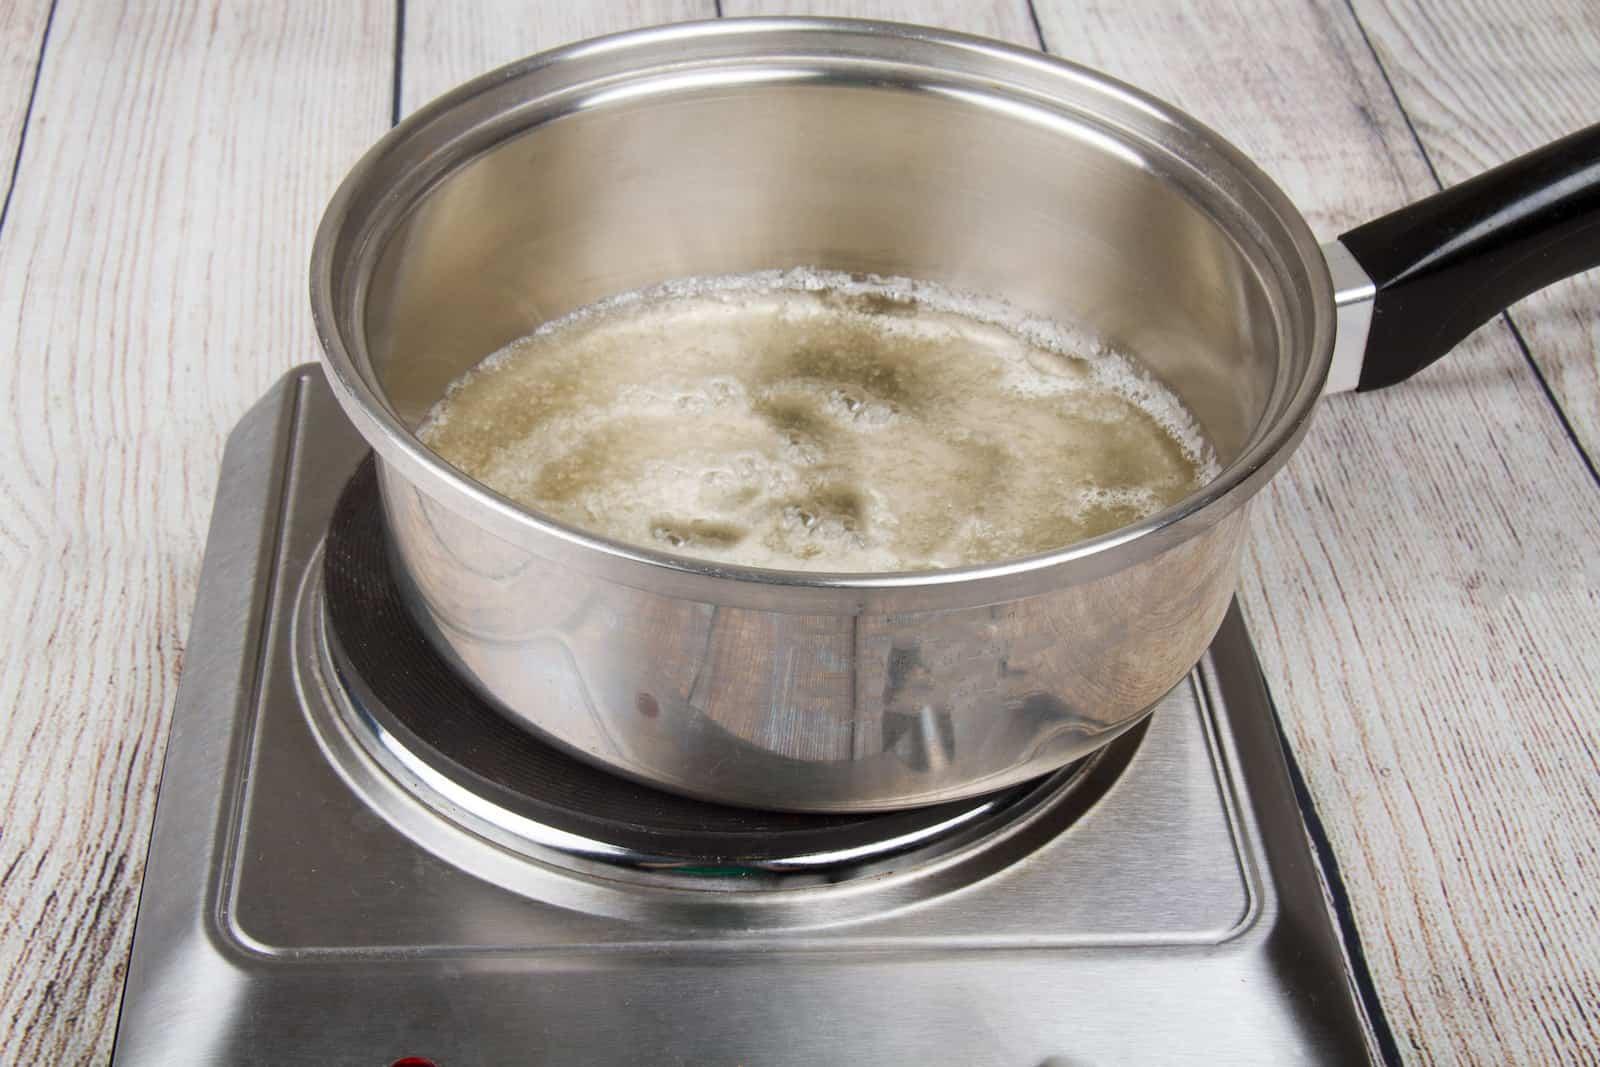 Adım 3 - Karamelin pişirilmesi